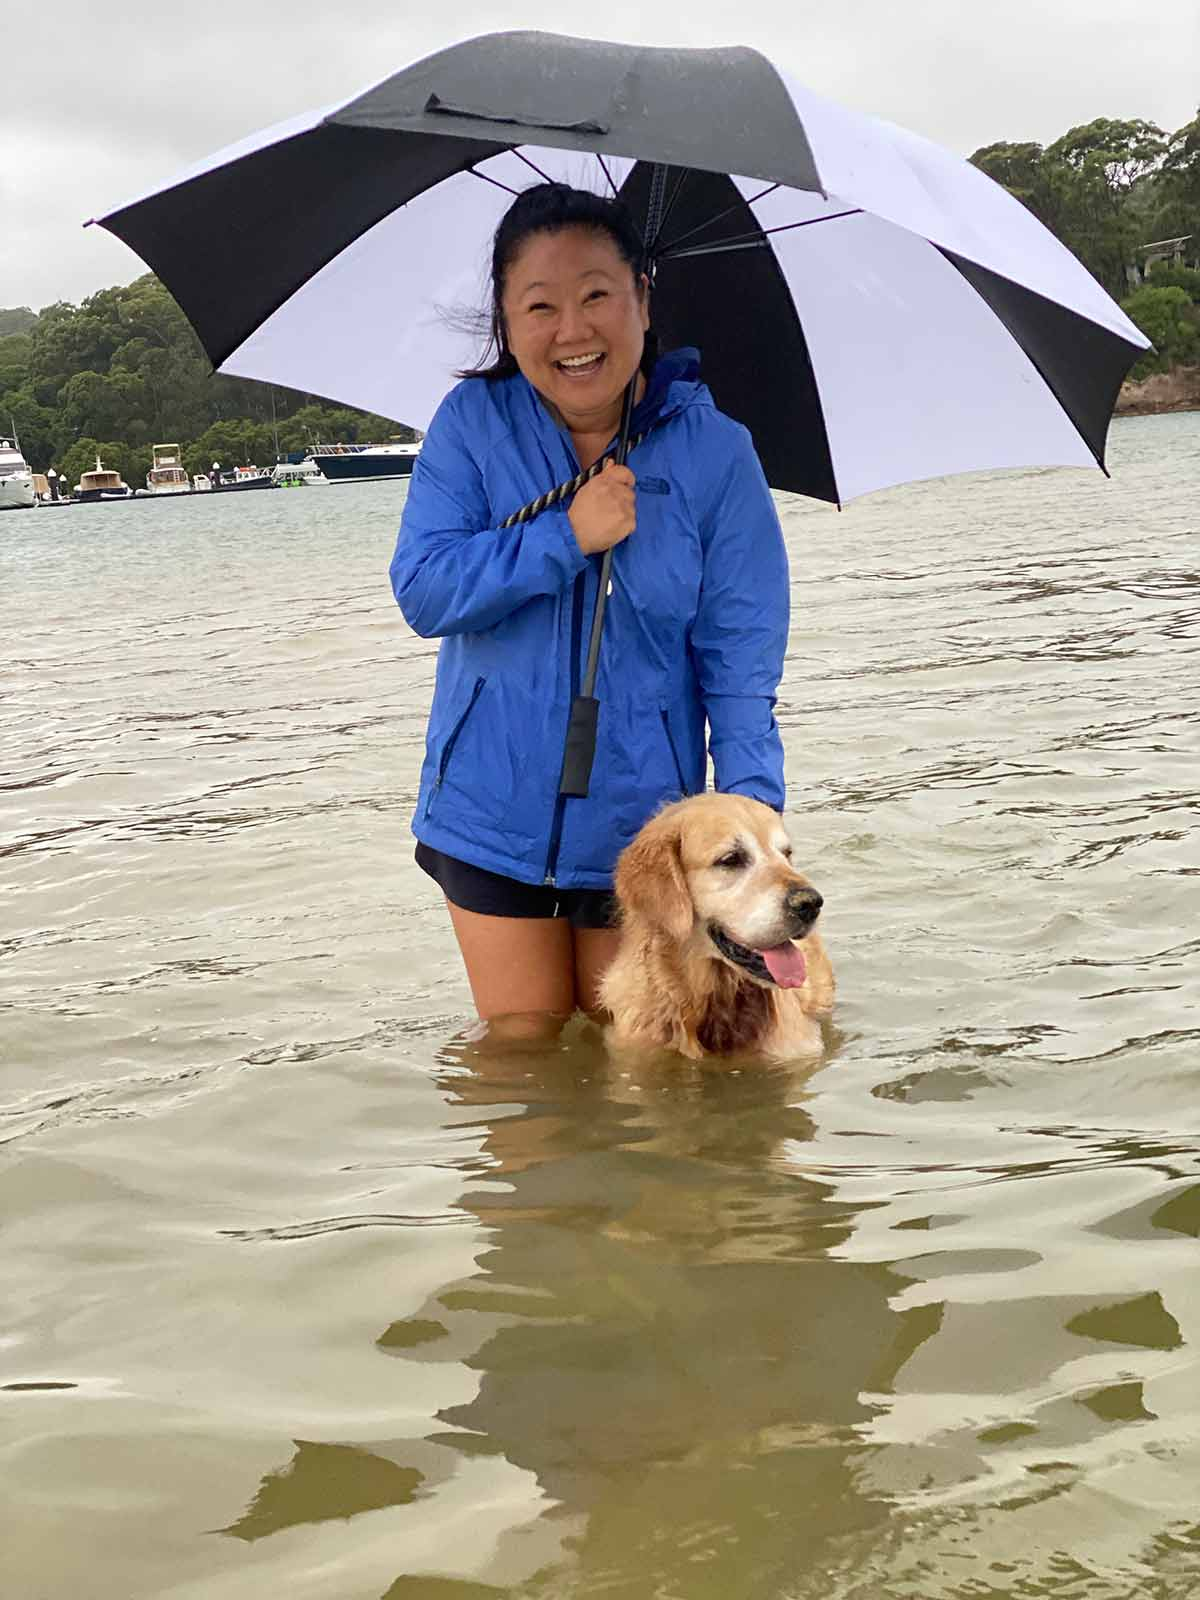 Nagi Dozer rainy day at Bayview